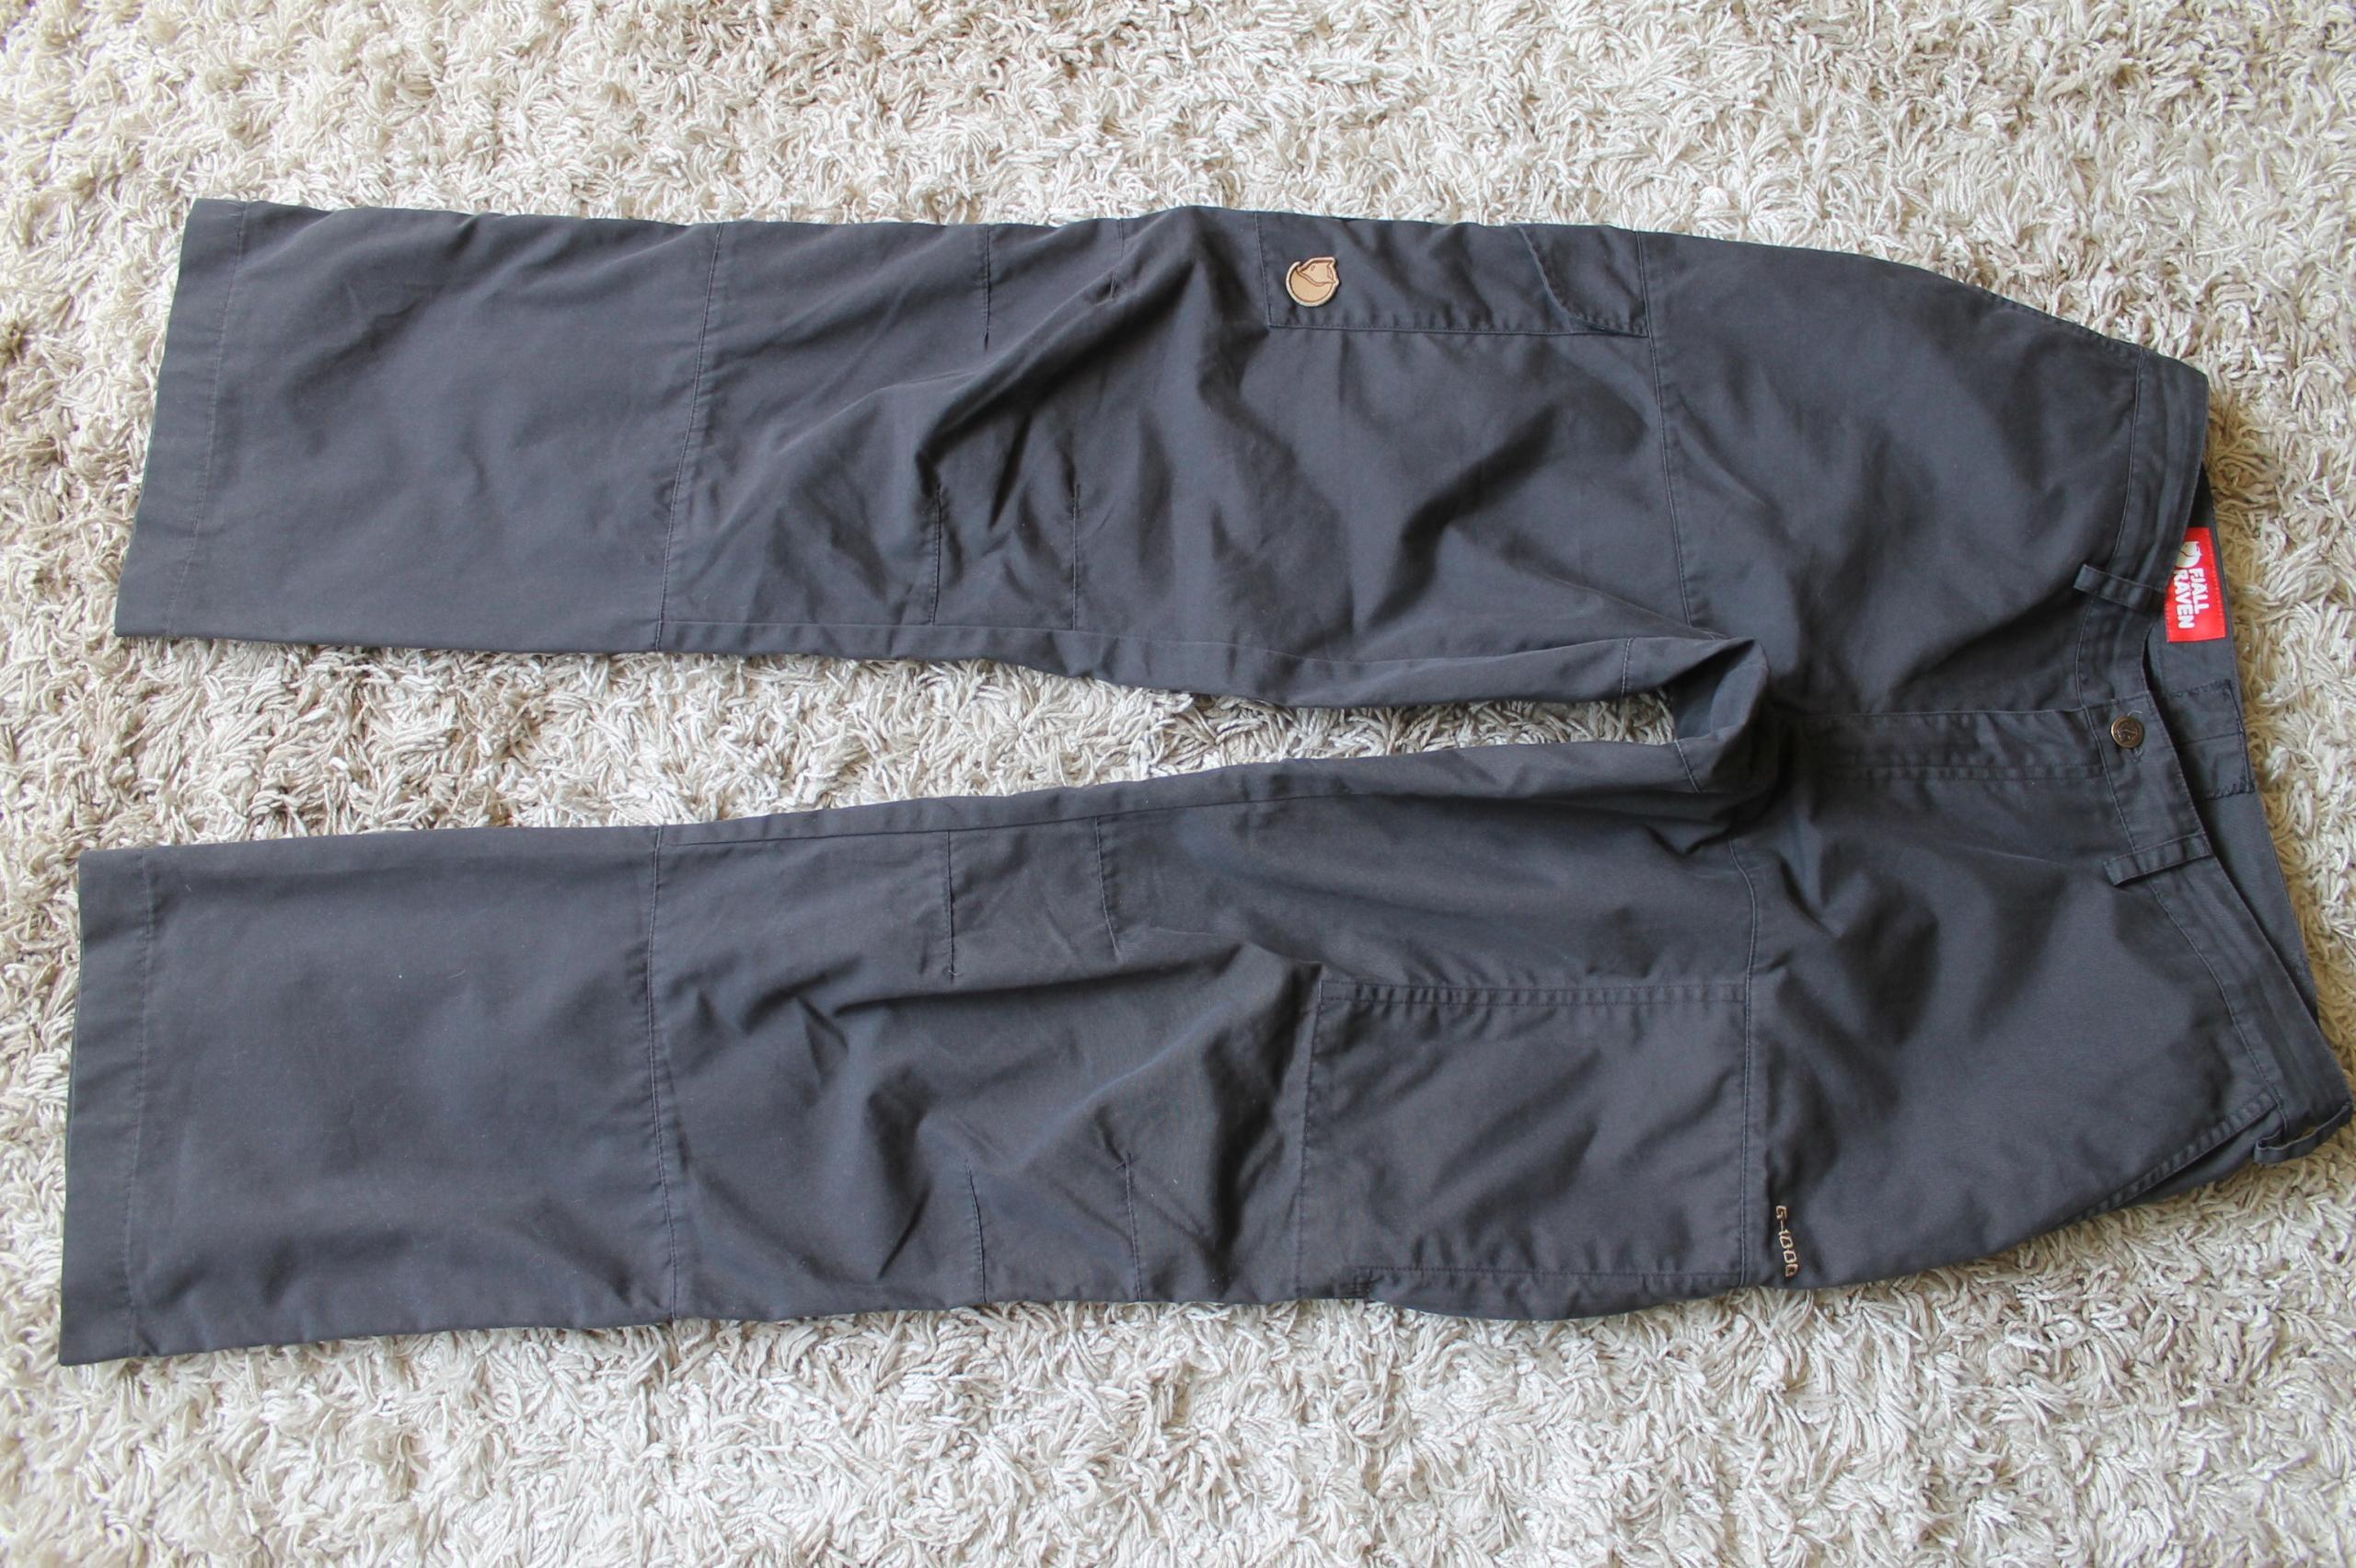 Spodnie trekkingowe FjallRaven G-1000 - 40 lady